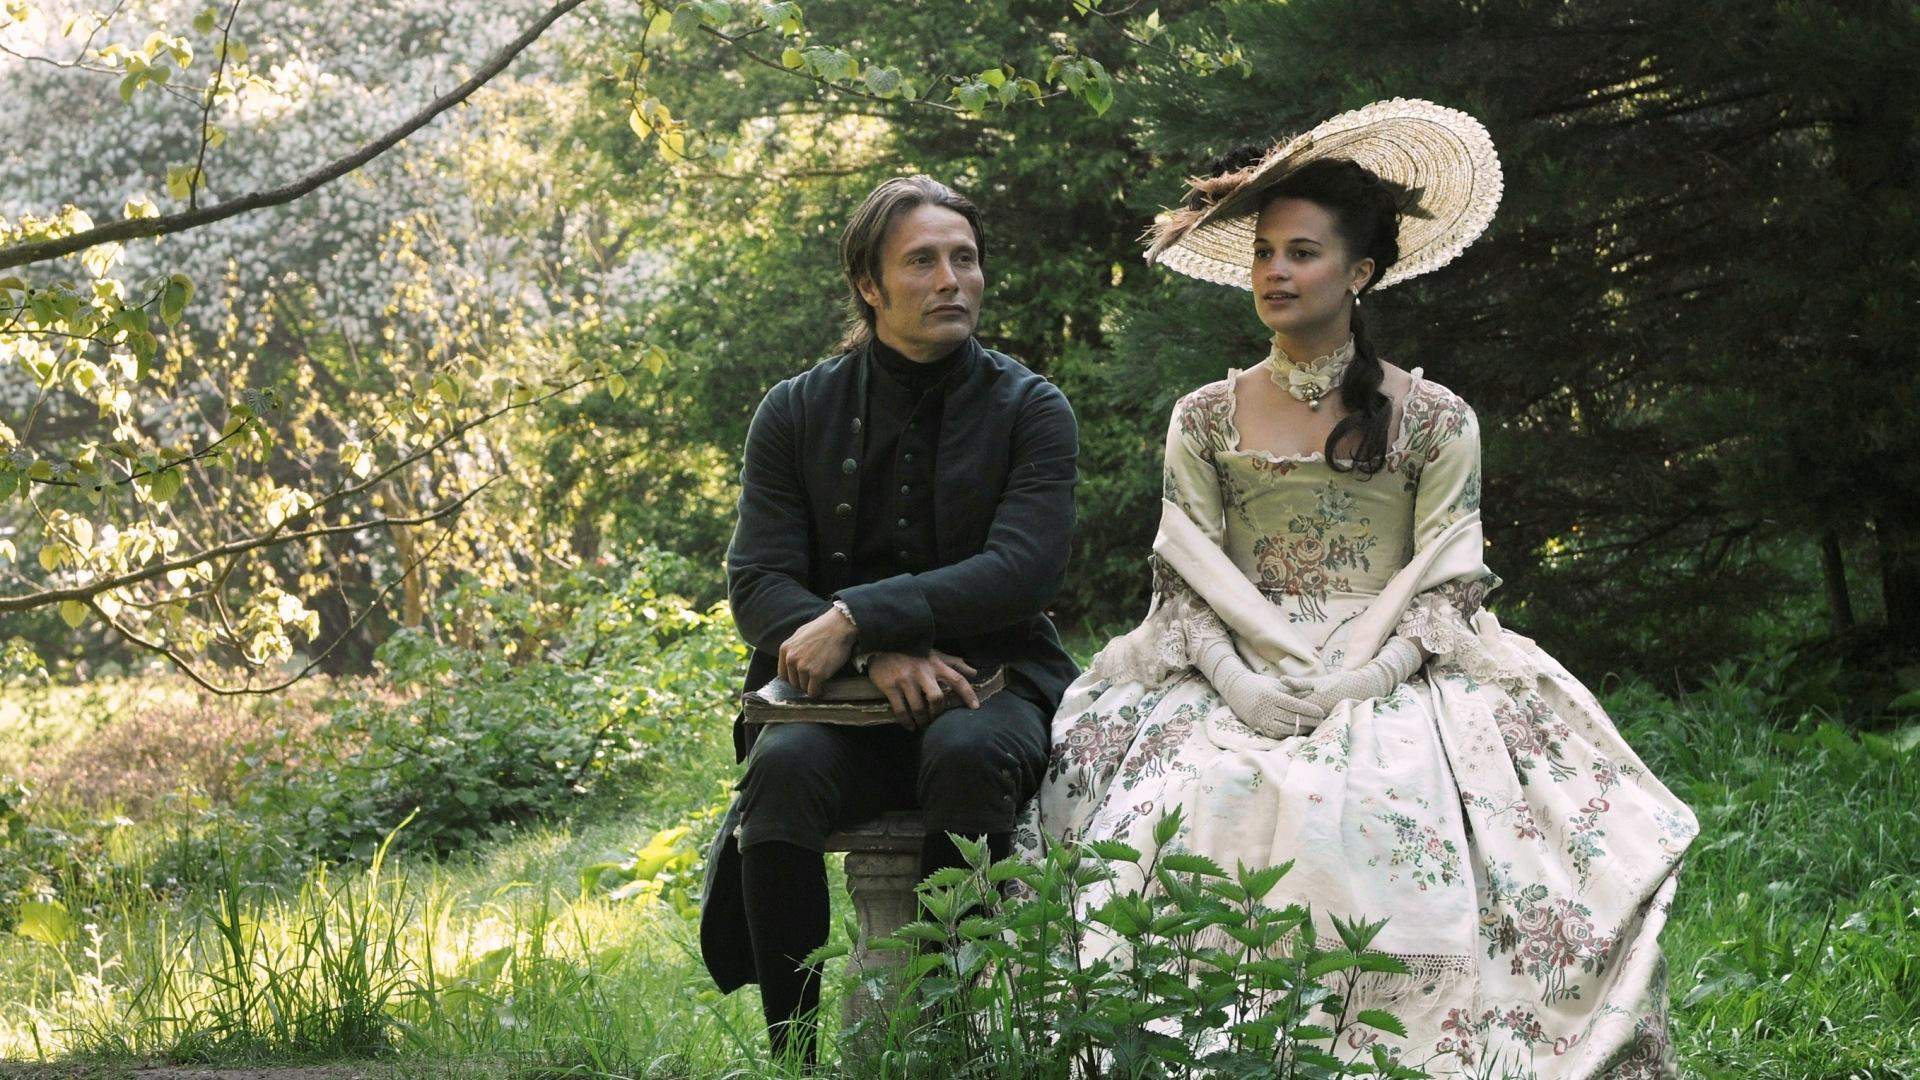 O Amante da Rainha: drama de época protagonizado por Alicia Vikander e Mads Mikkelsen.